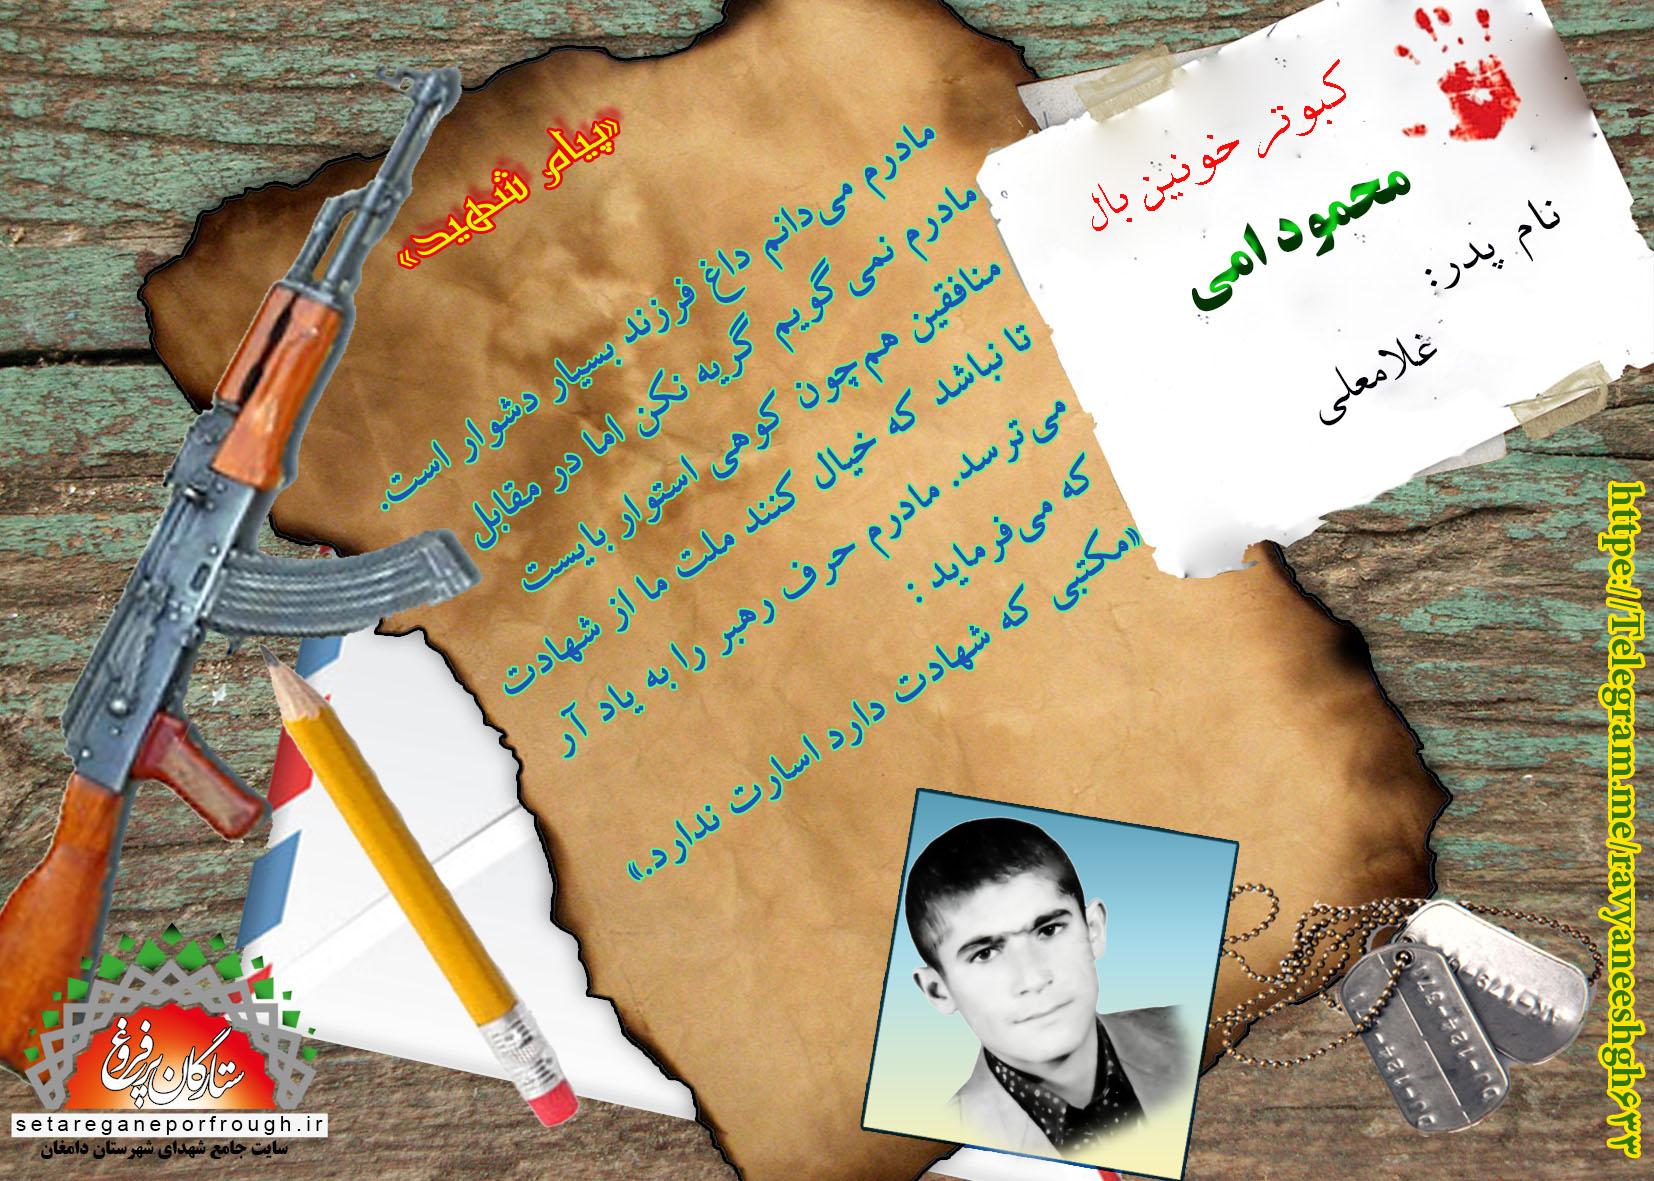 پیام شهید و گزیدهای از وصیت نامه شهید محمود امی